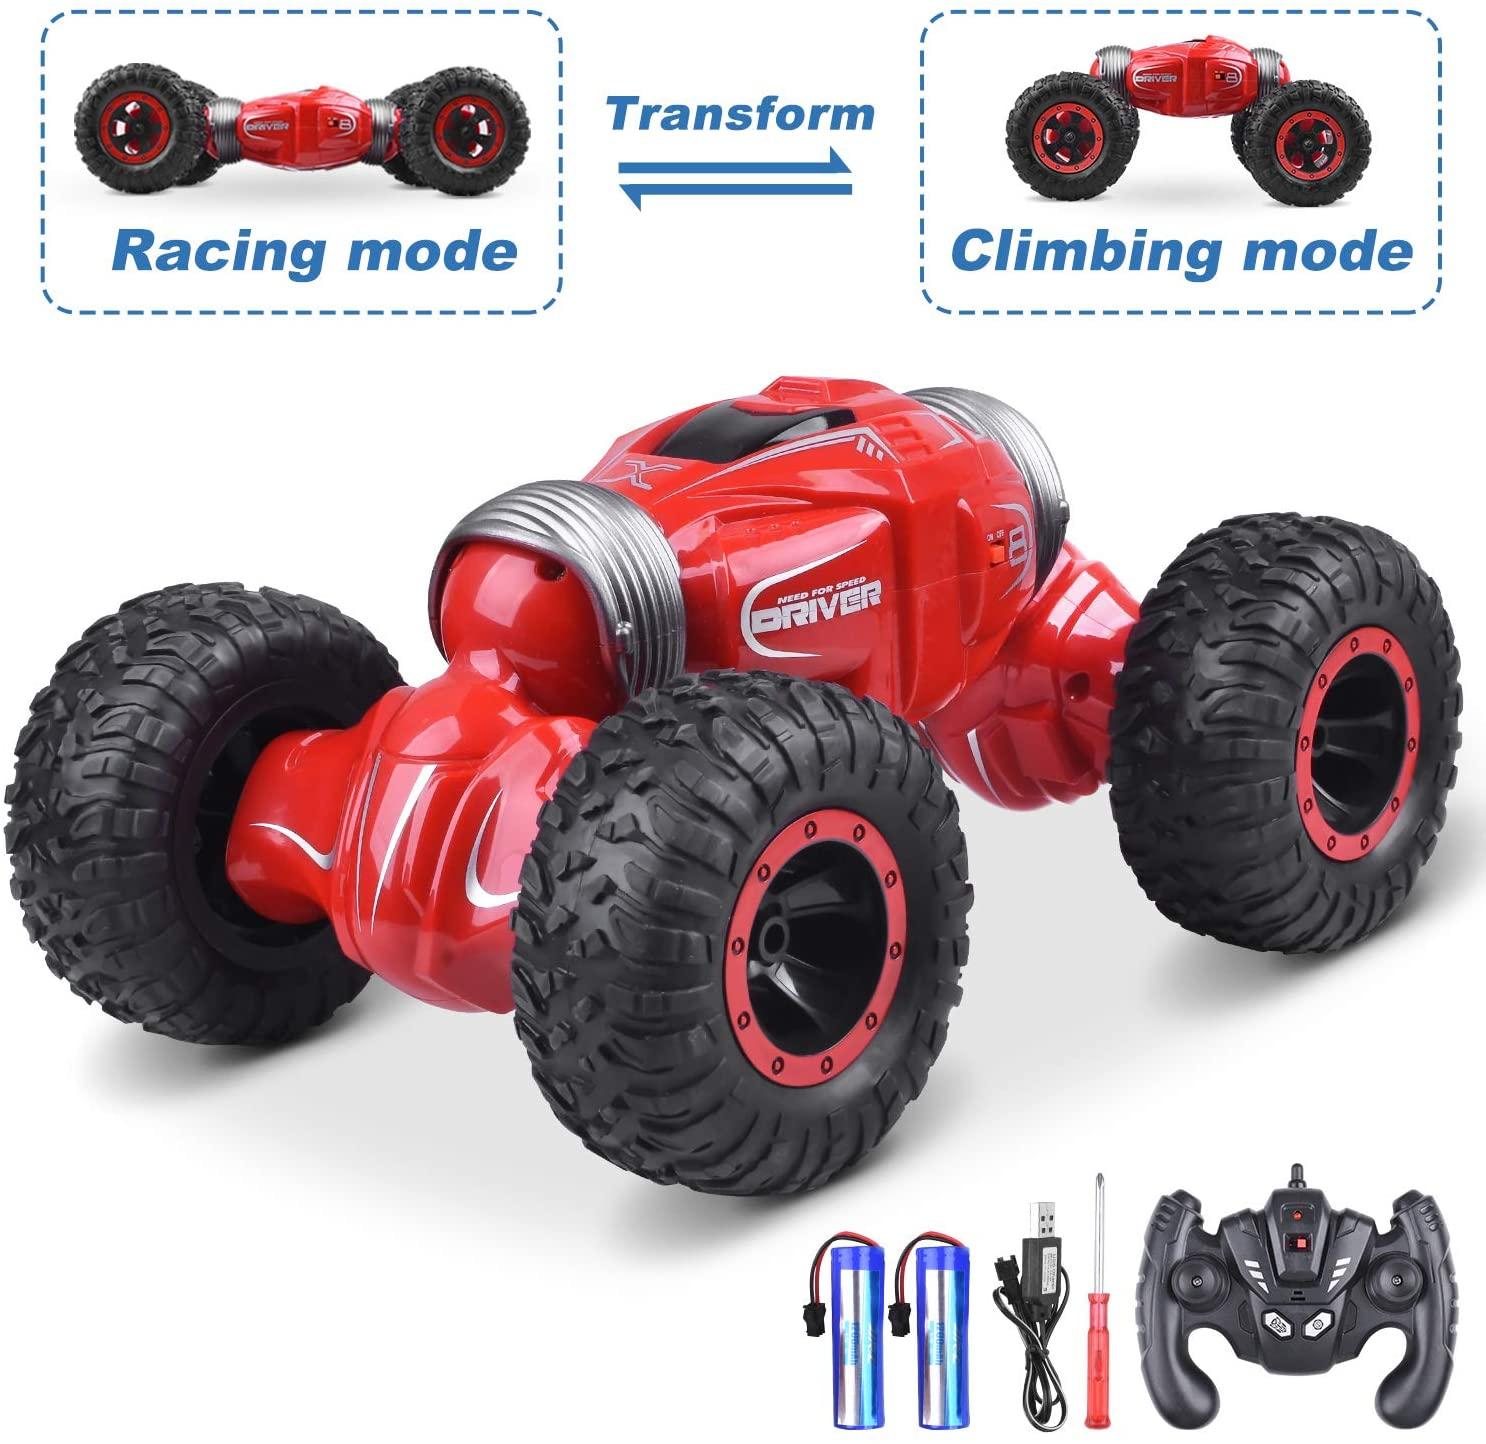 UNIROI RC Coche, 2.4Ghz 4WD Escalada Coche Stunt Car, Desformación Fuera de la Carretera Interior Exterior Juguete Coche para Niños - Q70(Rojo)